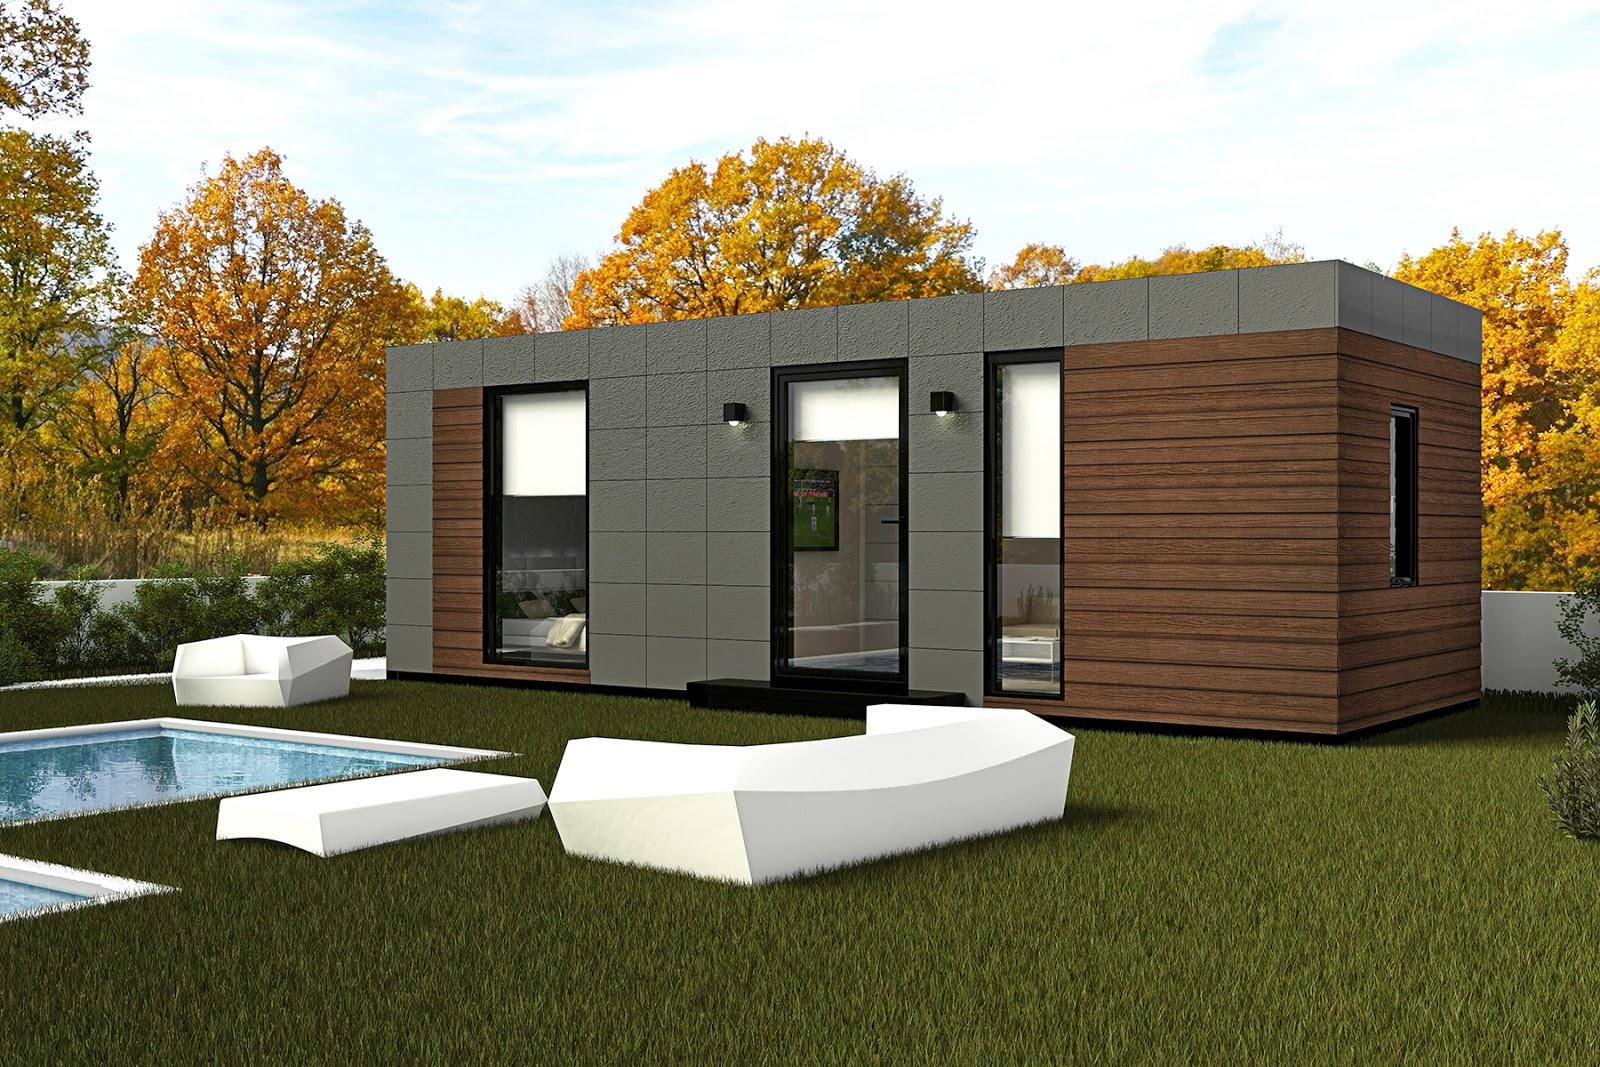 modulo-jardin-resan-modular